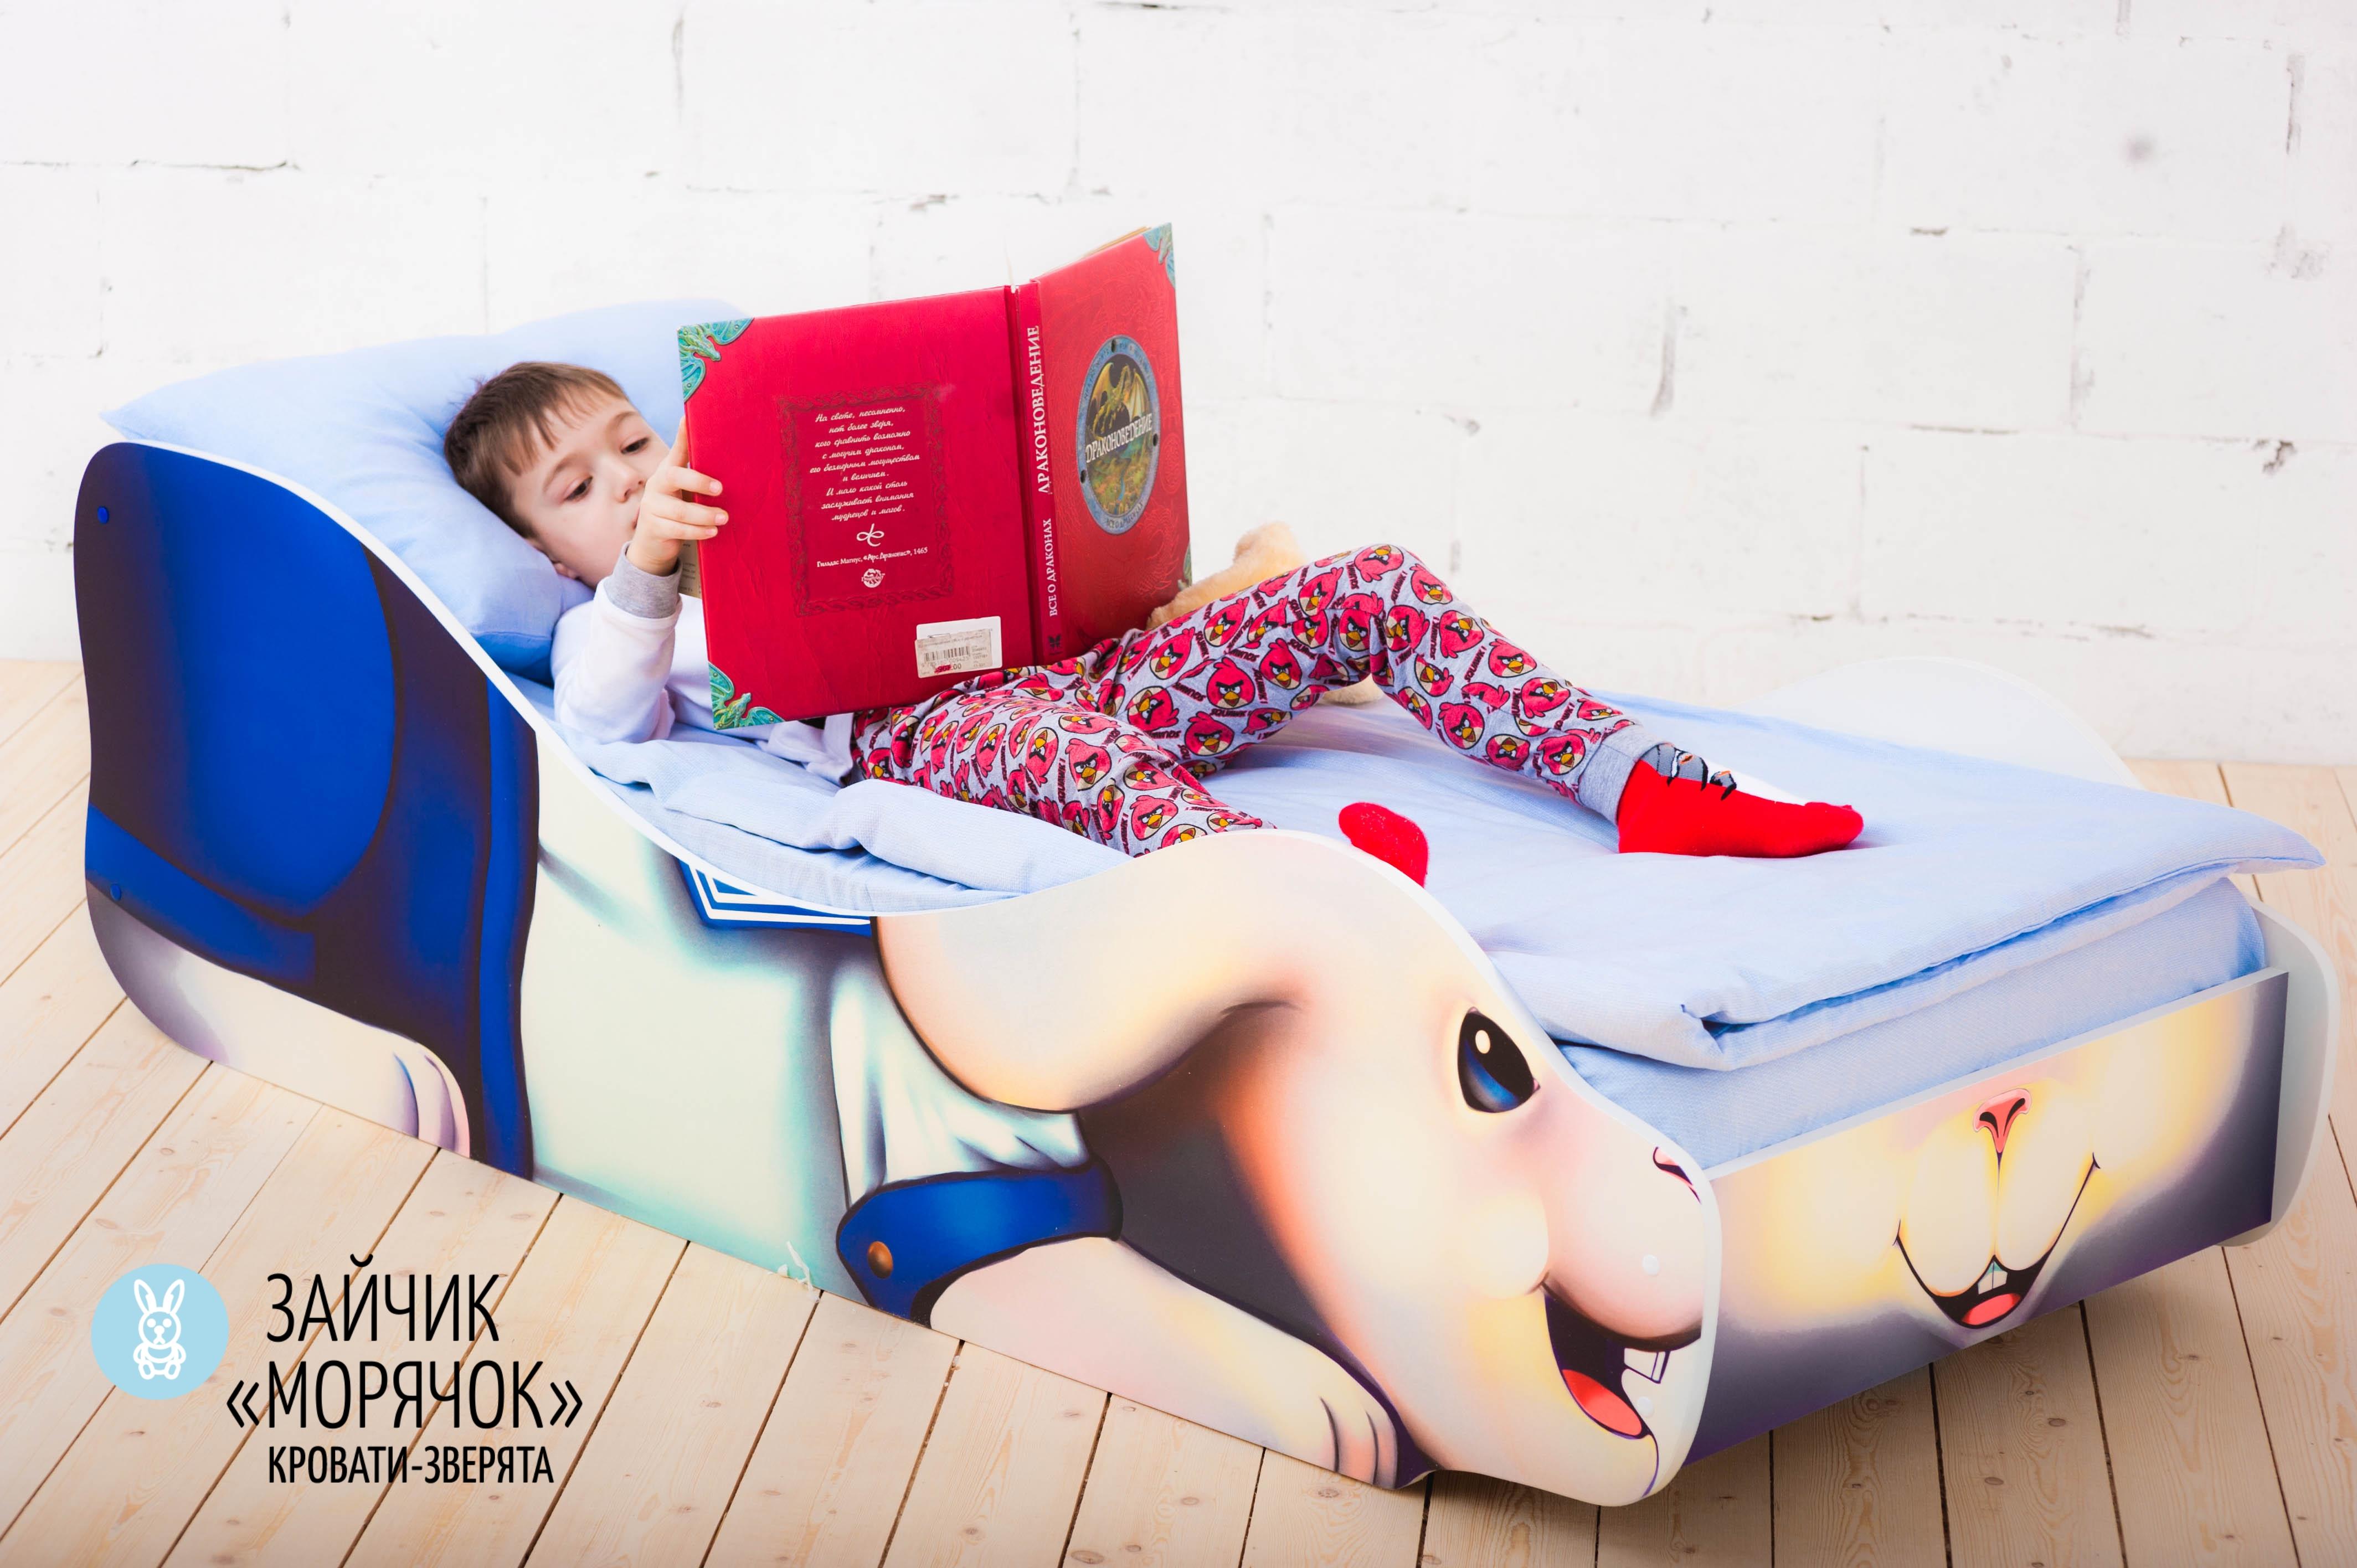 Детская кровать-зверенок -Заяц-Морячок-5